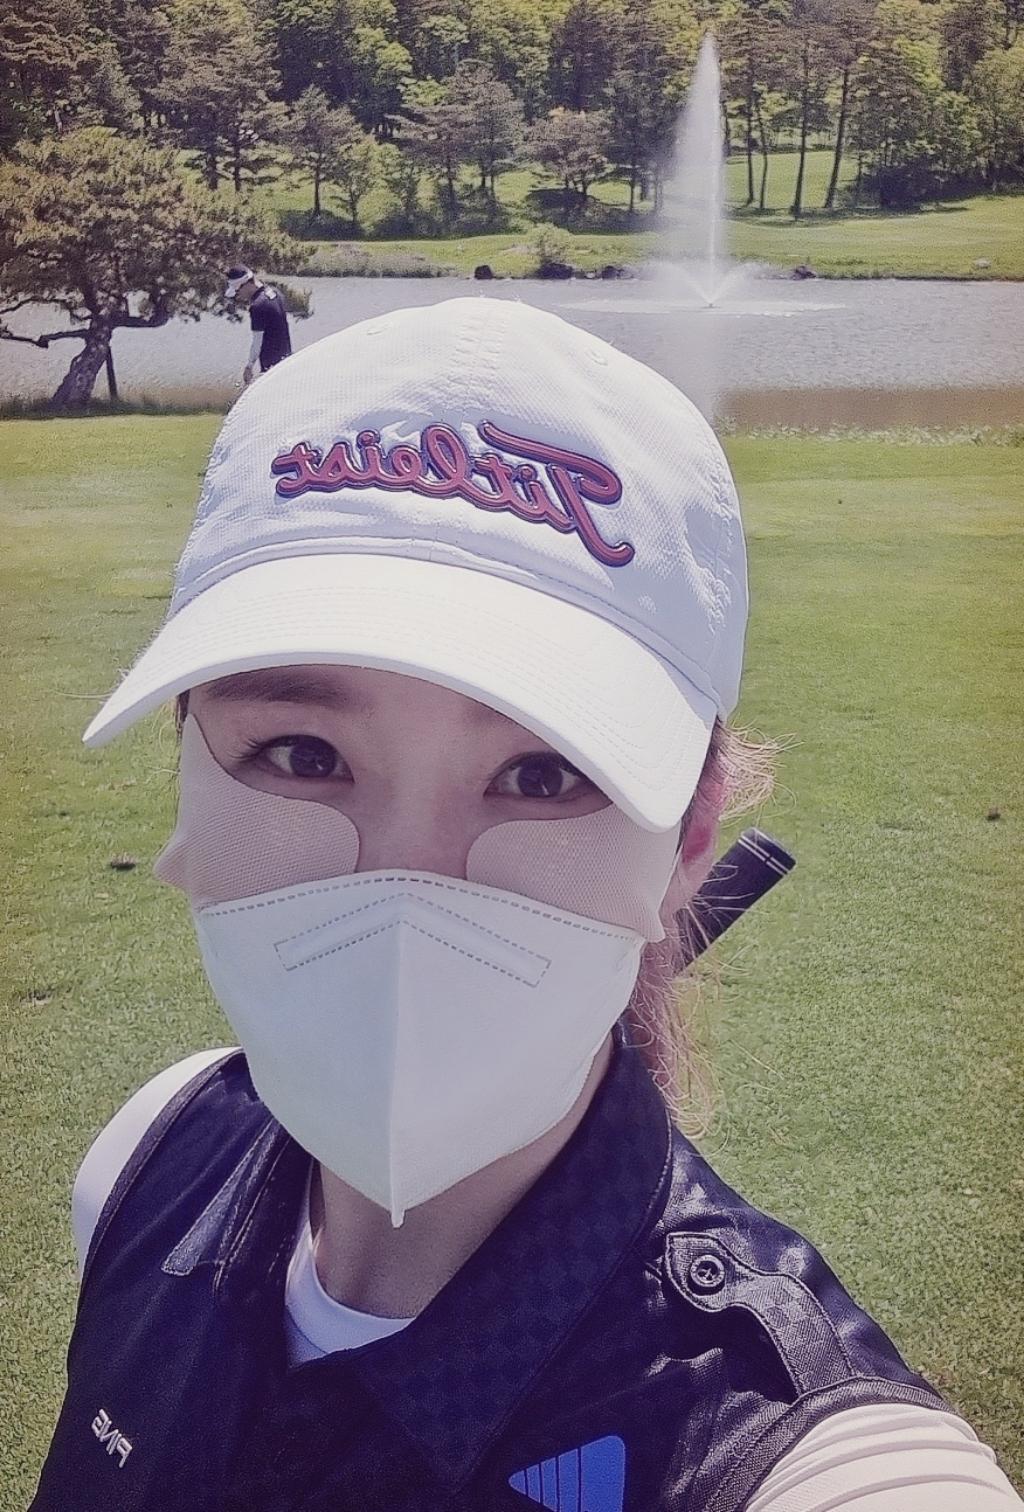 자외선차단 햇빛차단테이프 골프 패치 기미패치 특가할인  리뷰 후기